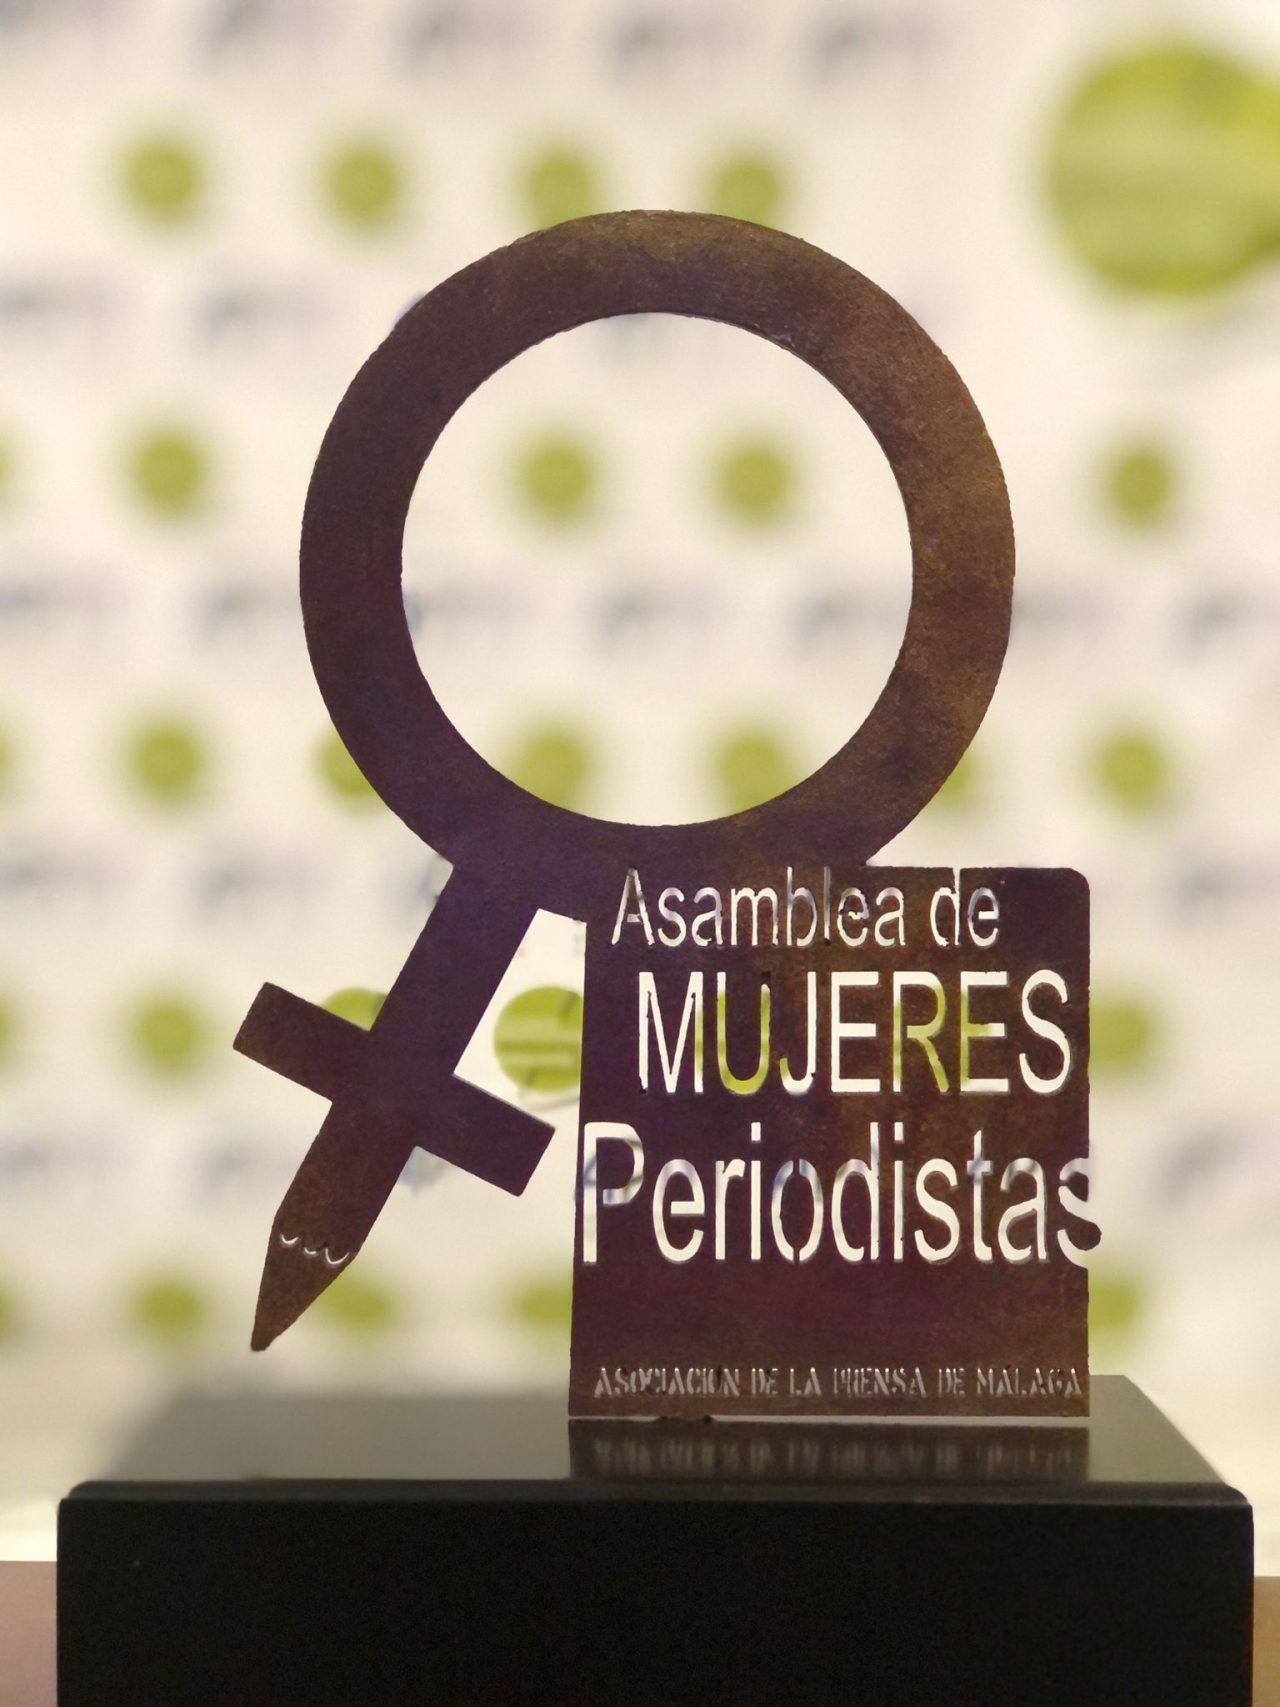 I-PREMIO-PERIODISTAS-POR-LA-IGUALDAD-1280x1707.jpeg